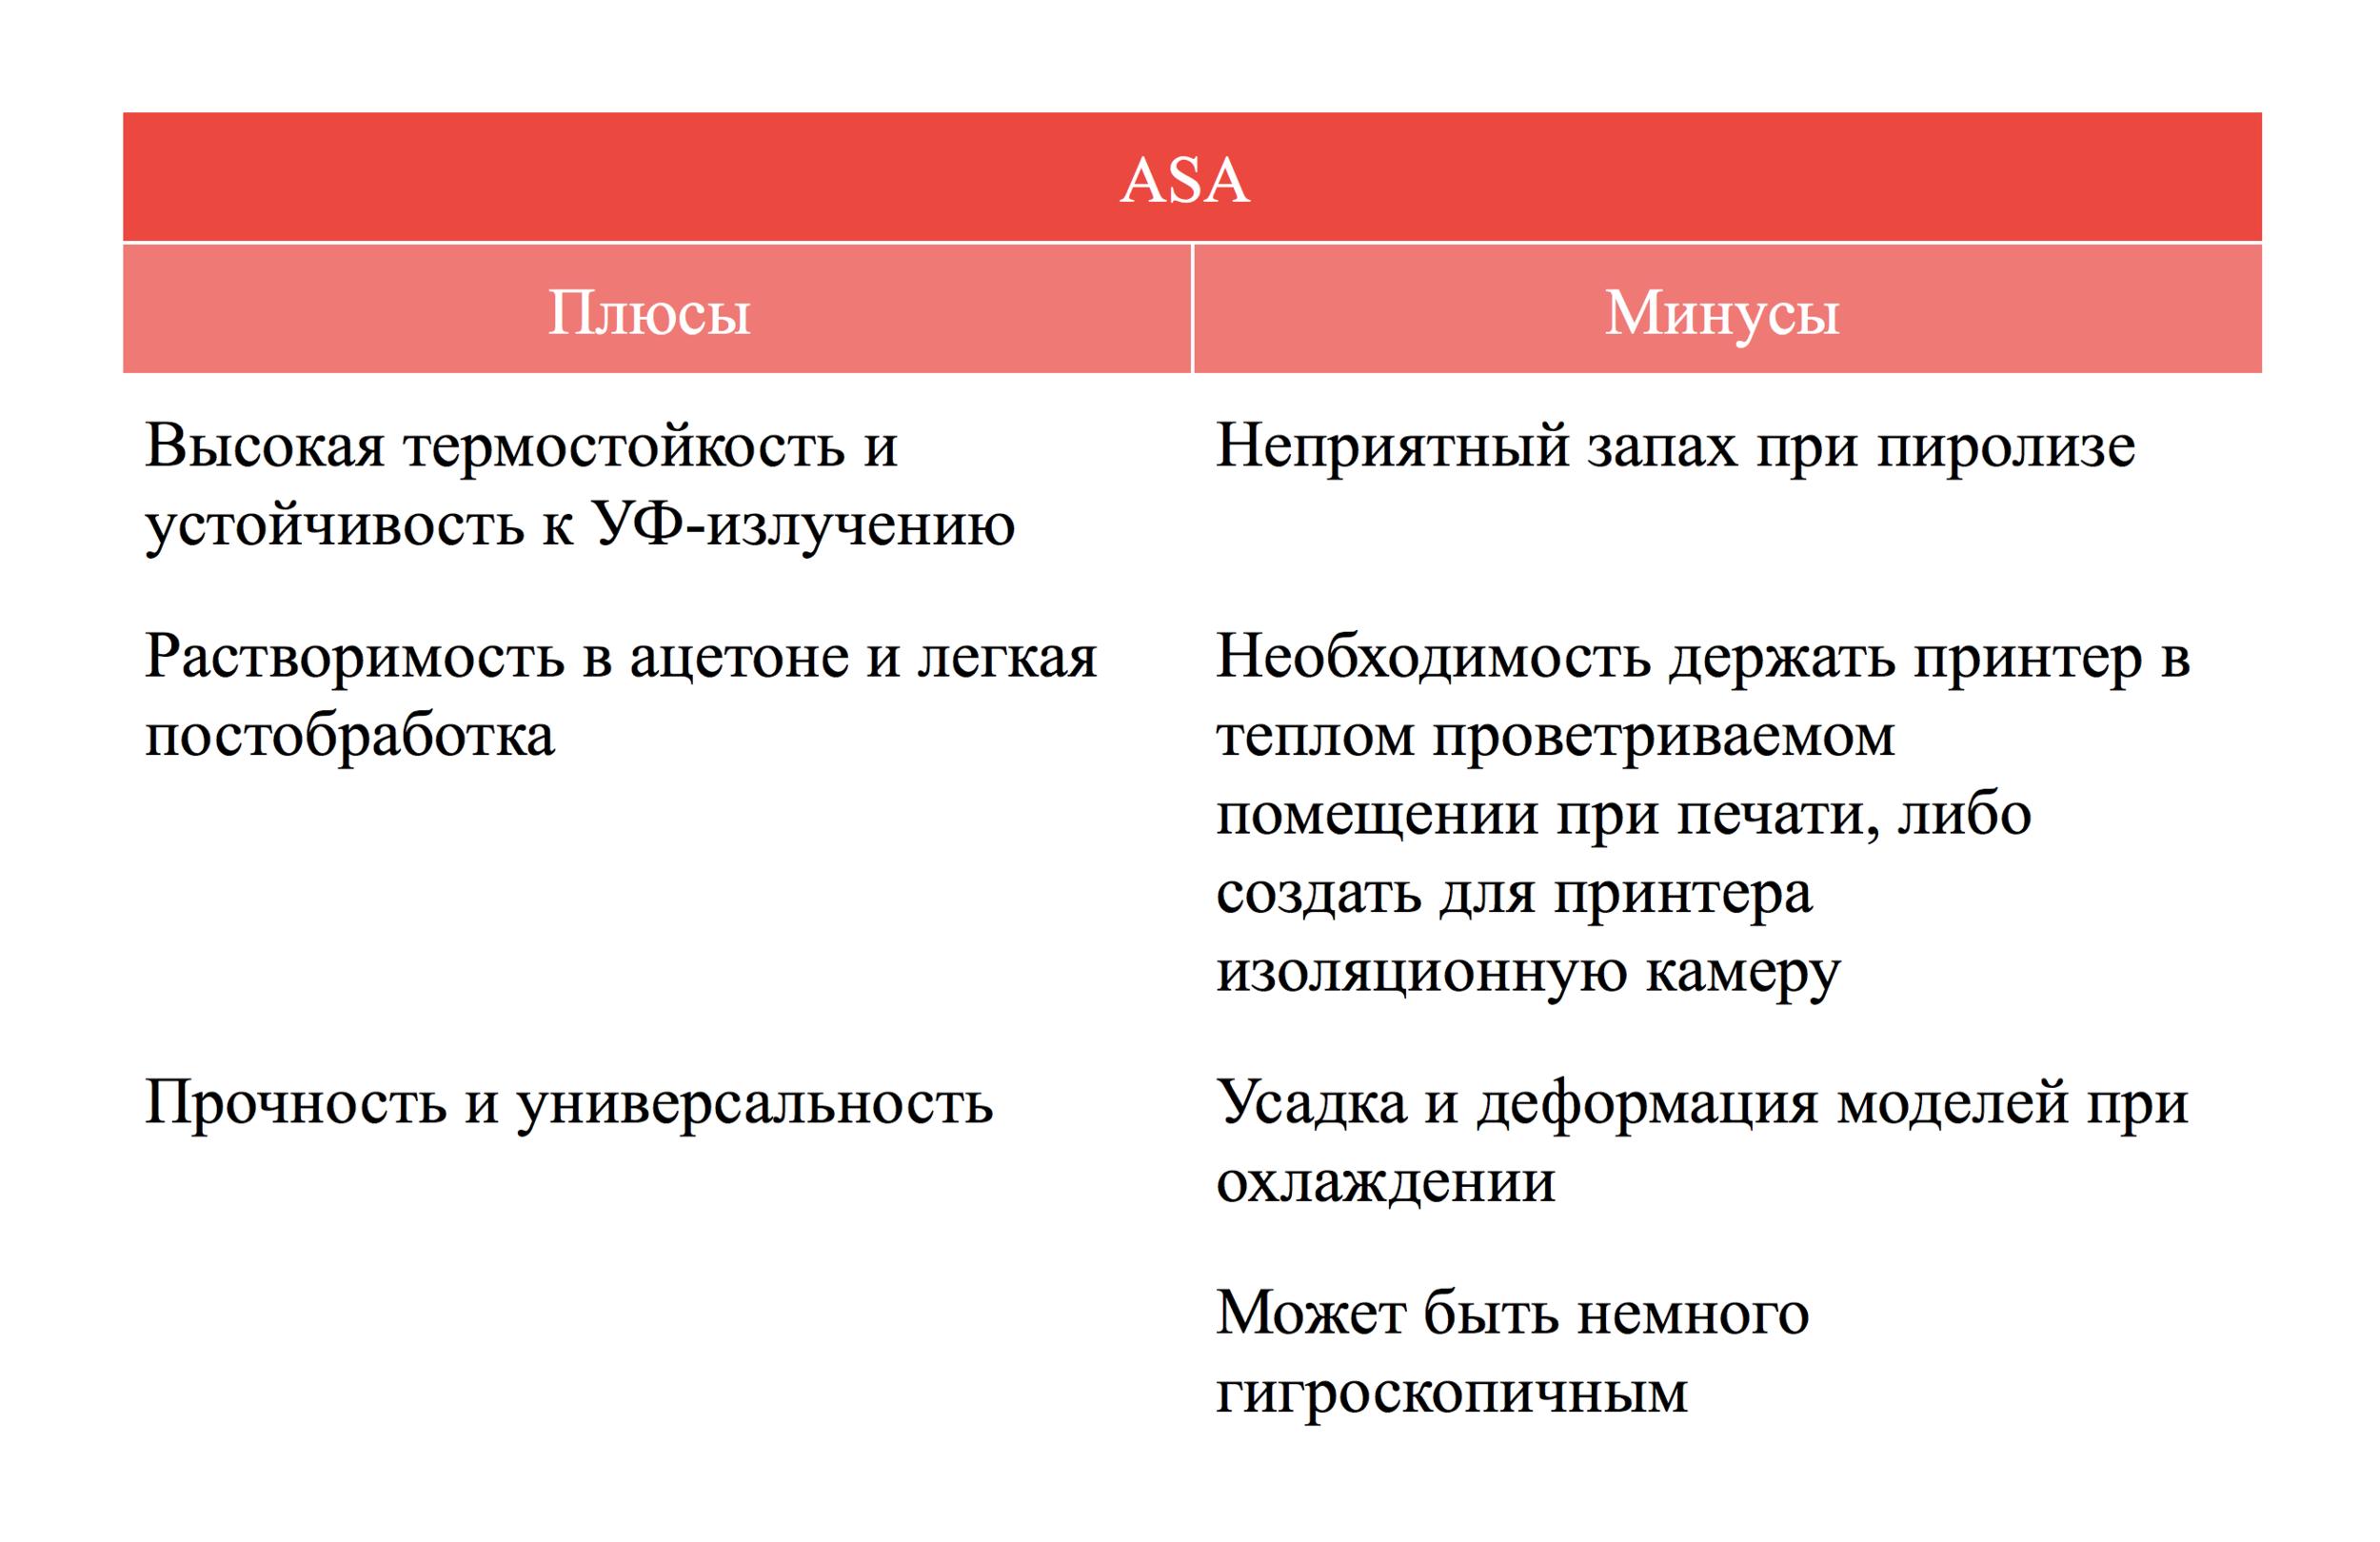 Плюсы и минусы ASA пластика qbed.space.png